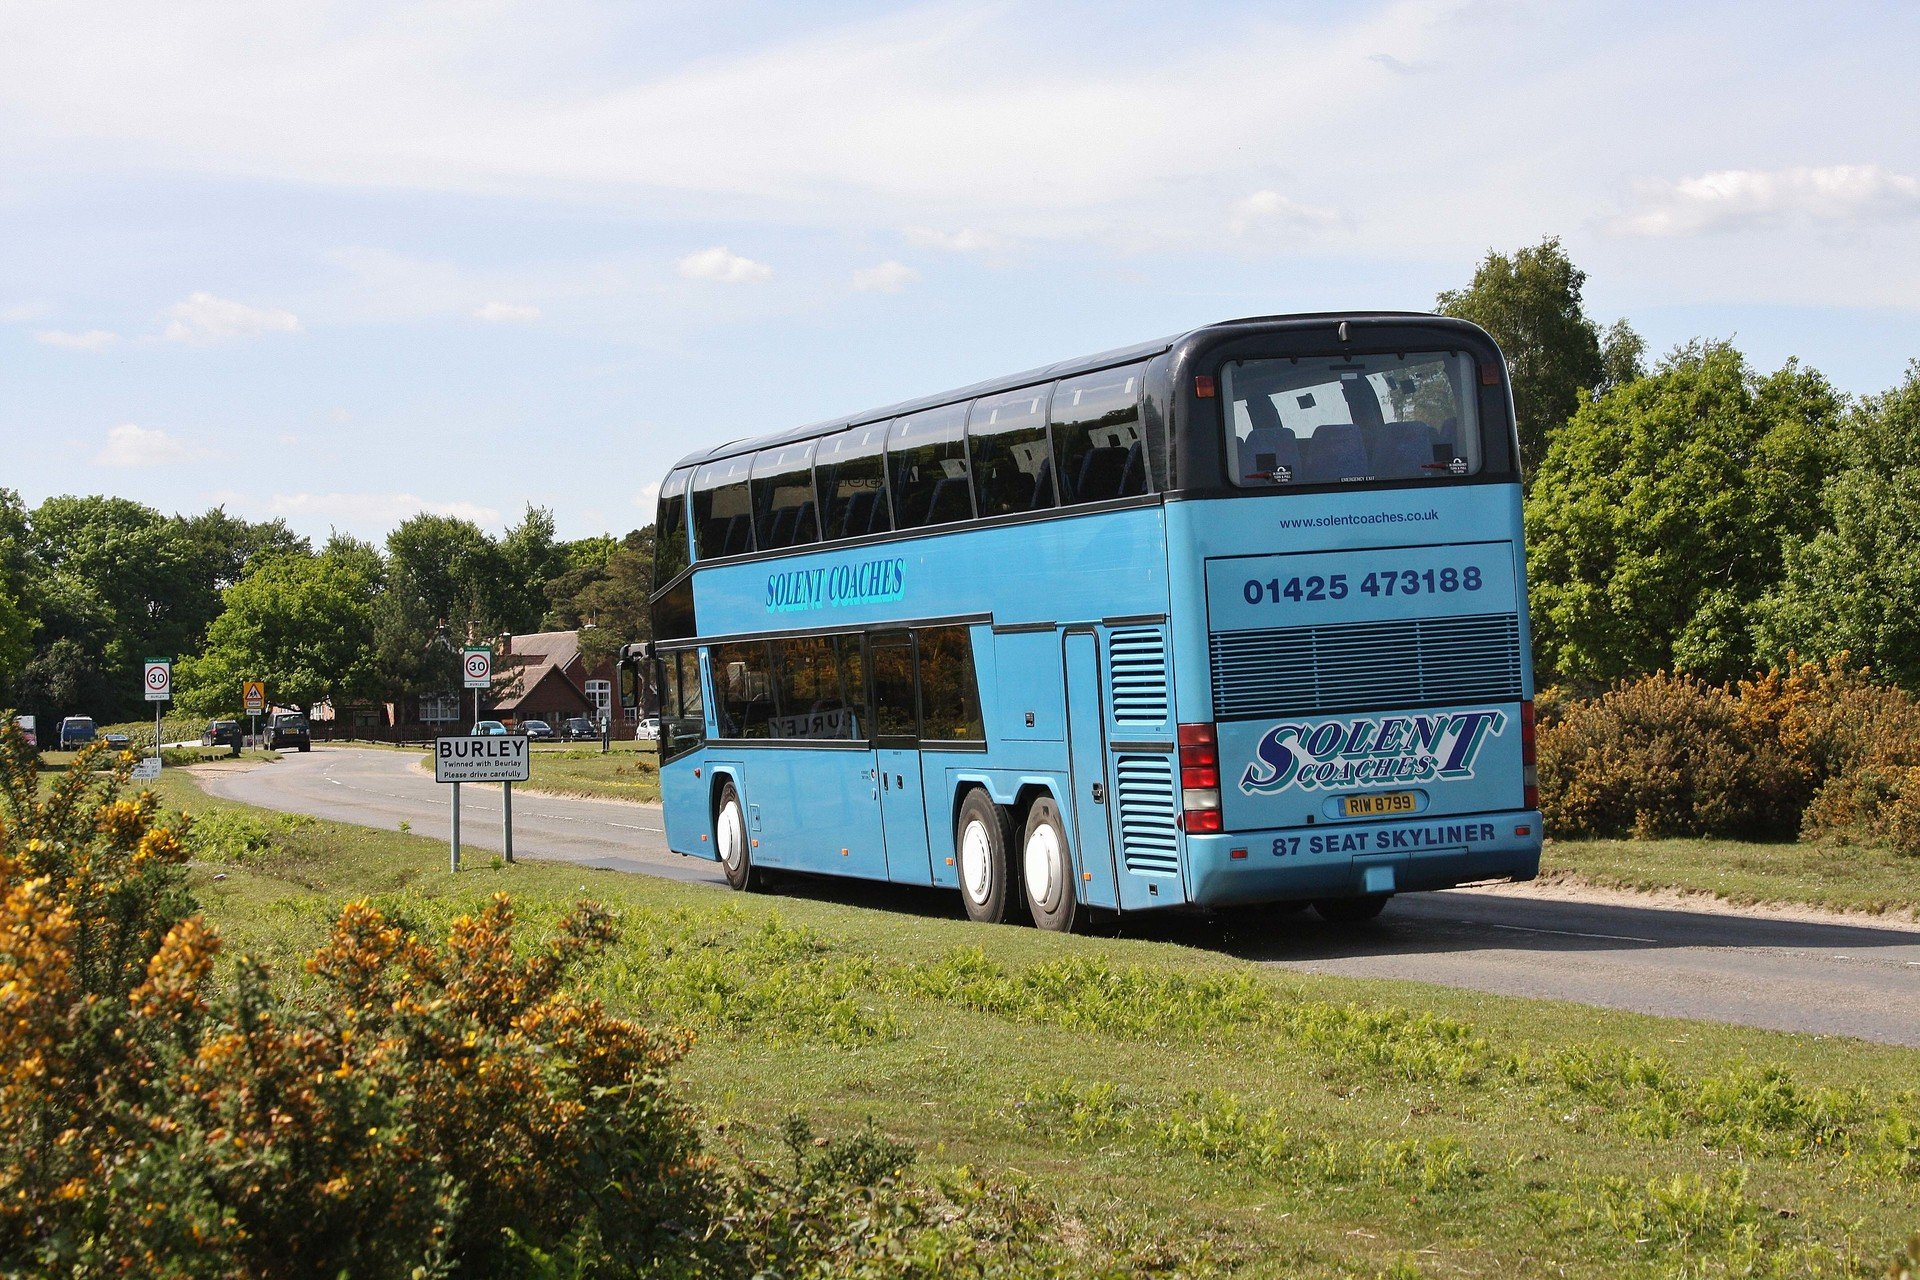 A Solent double decker bus